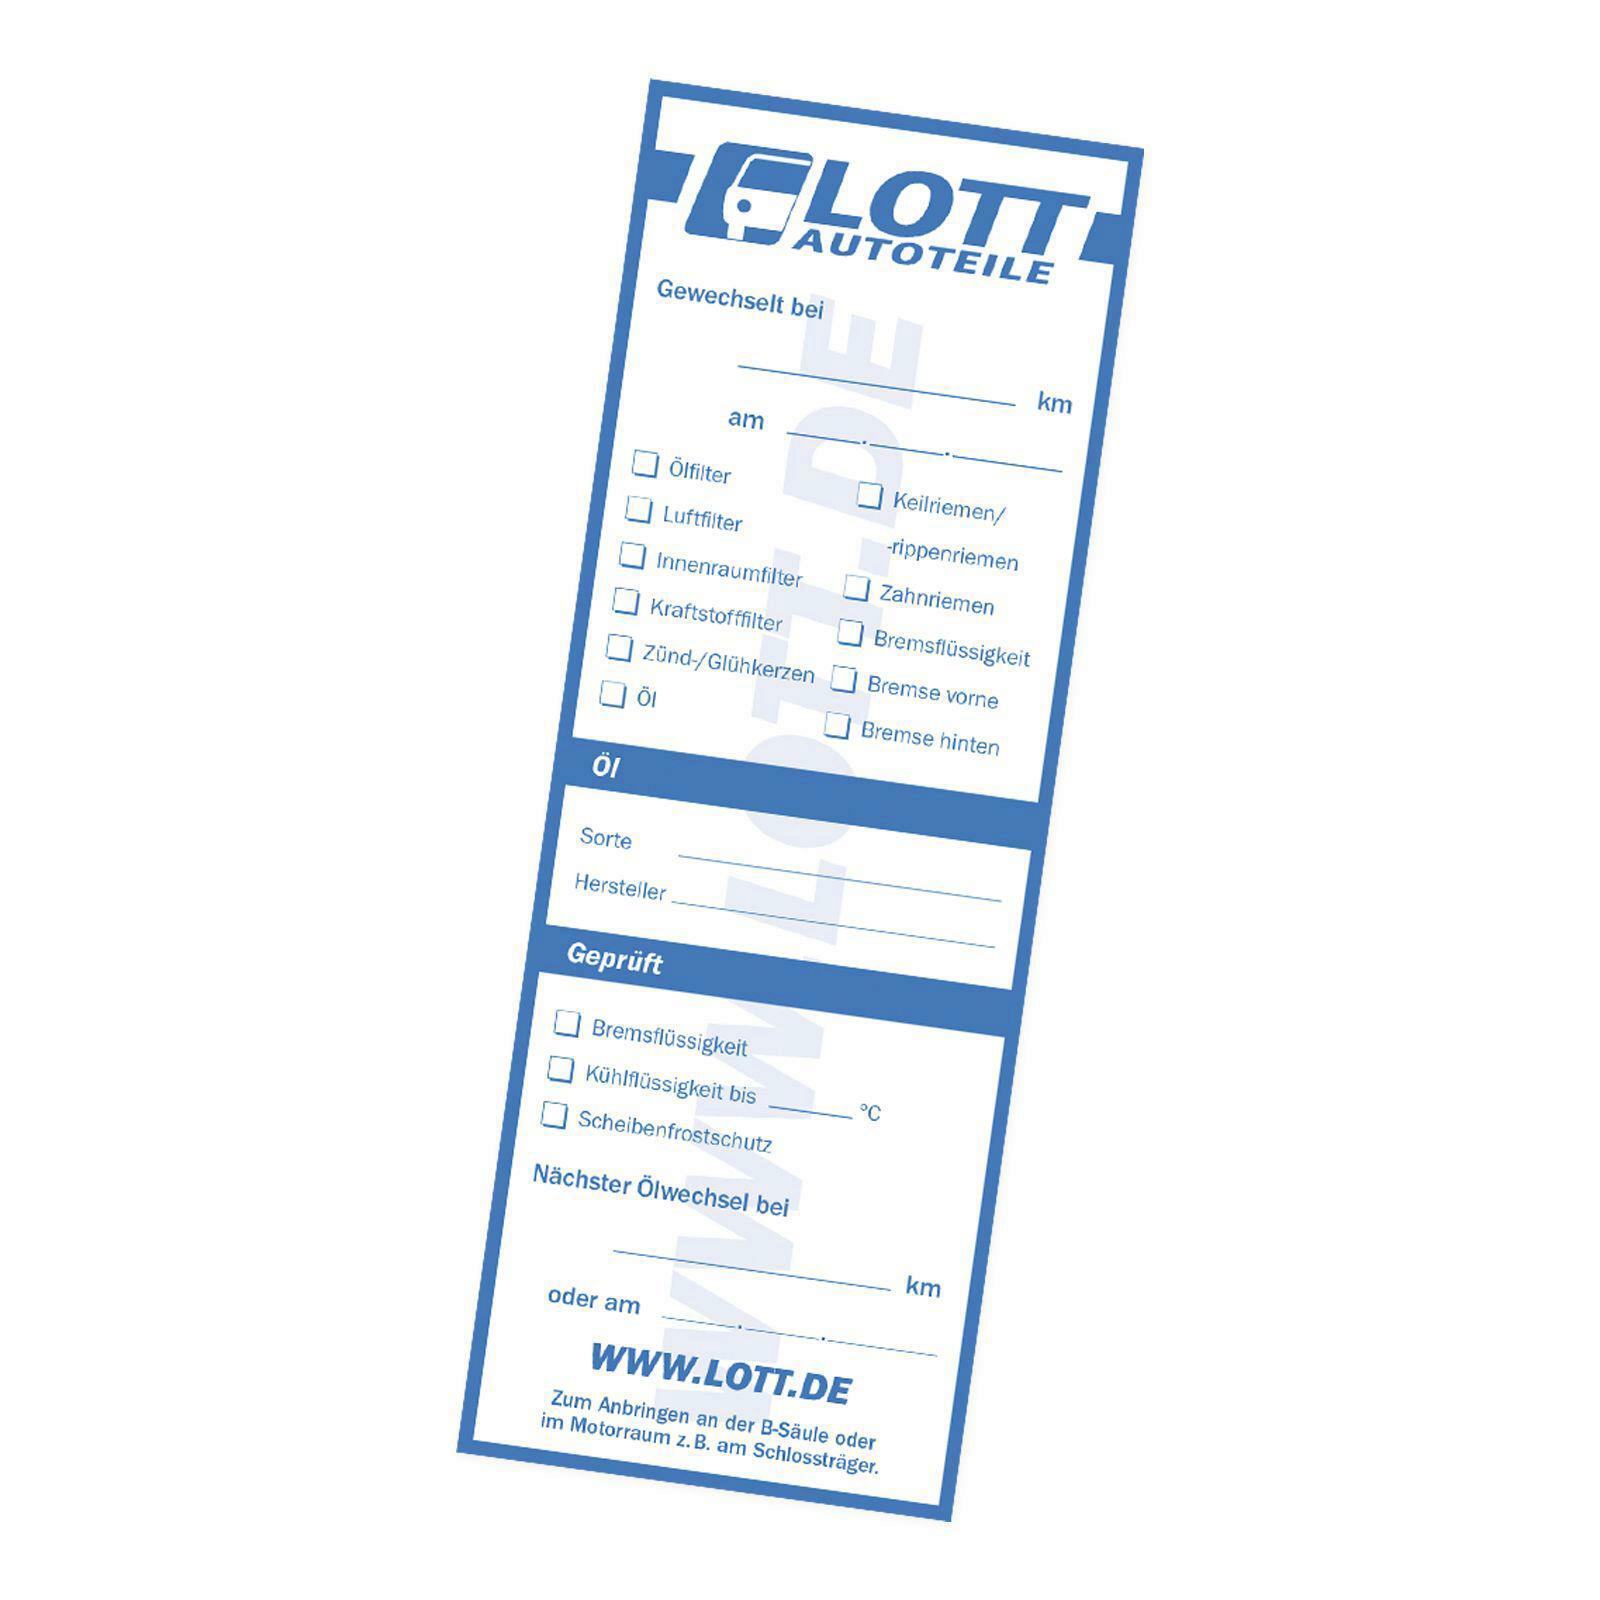 MANN-FILTER Innenraumfilter Filter Innenraumluft adsotop